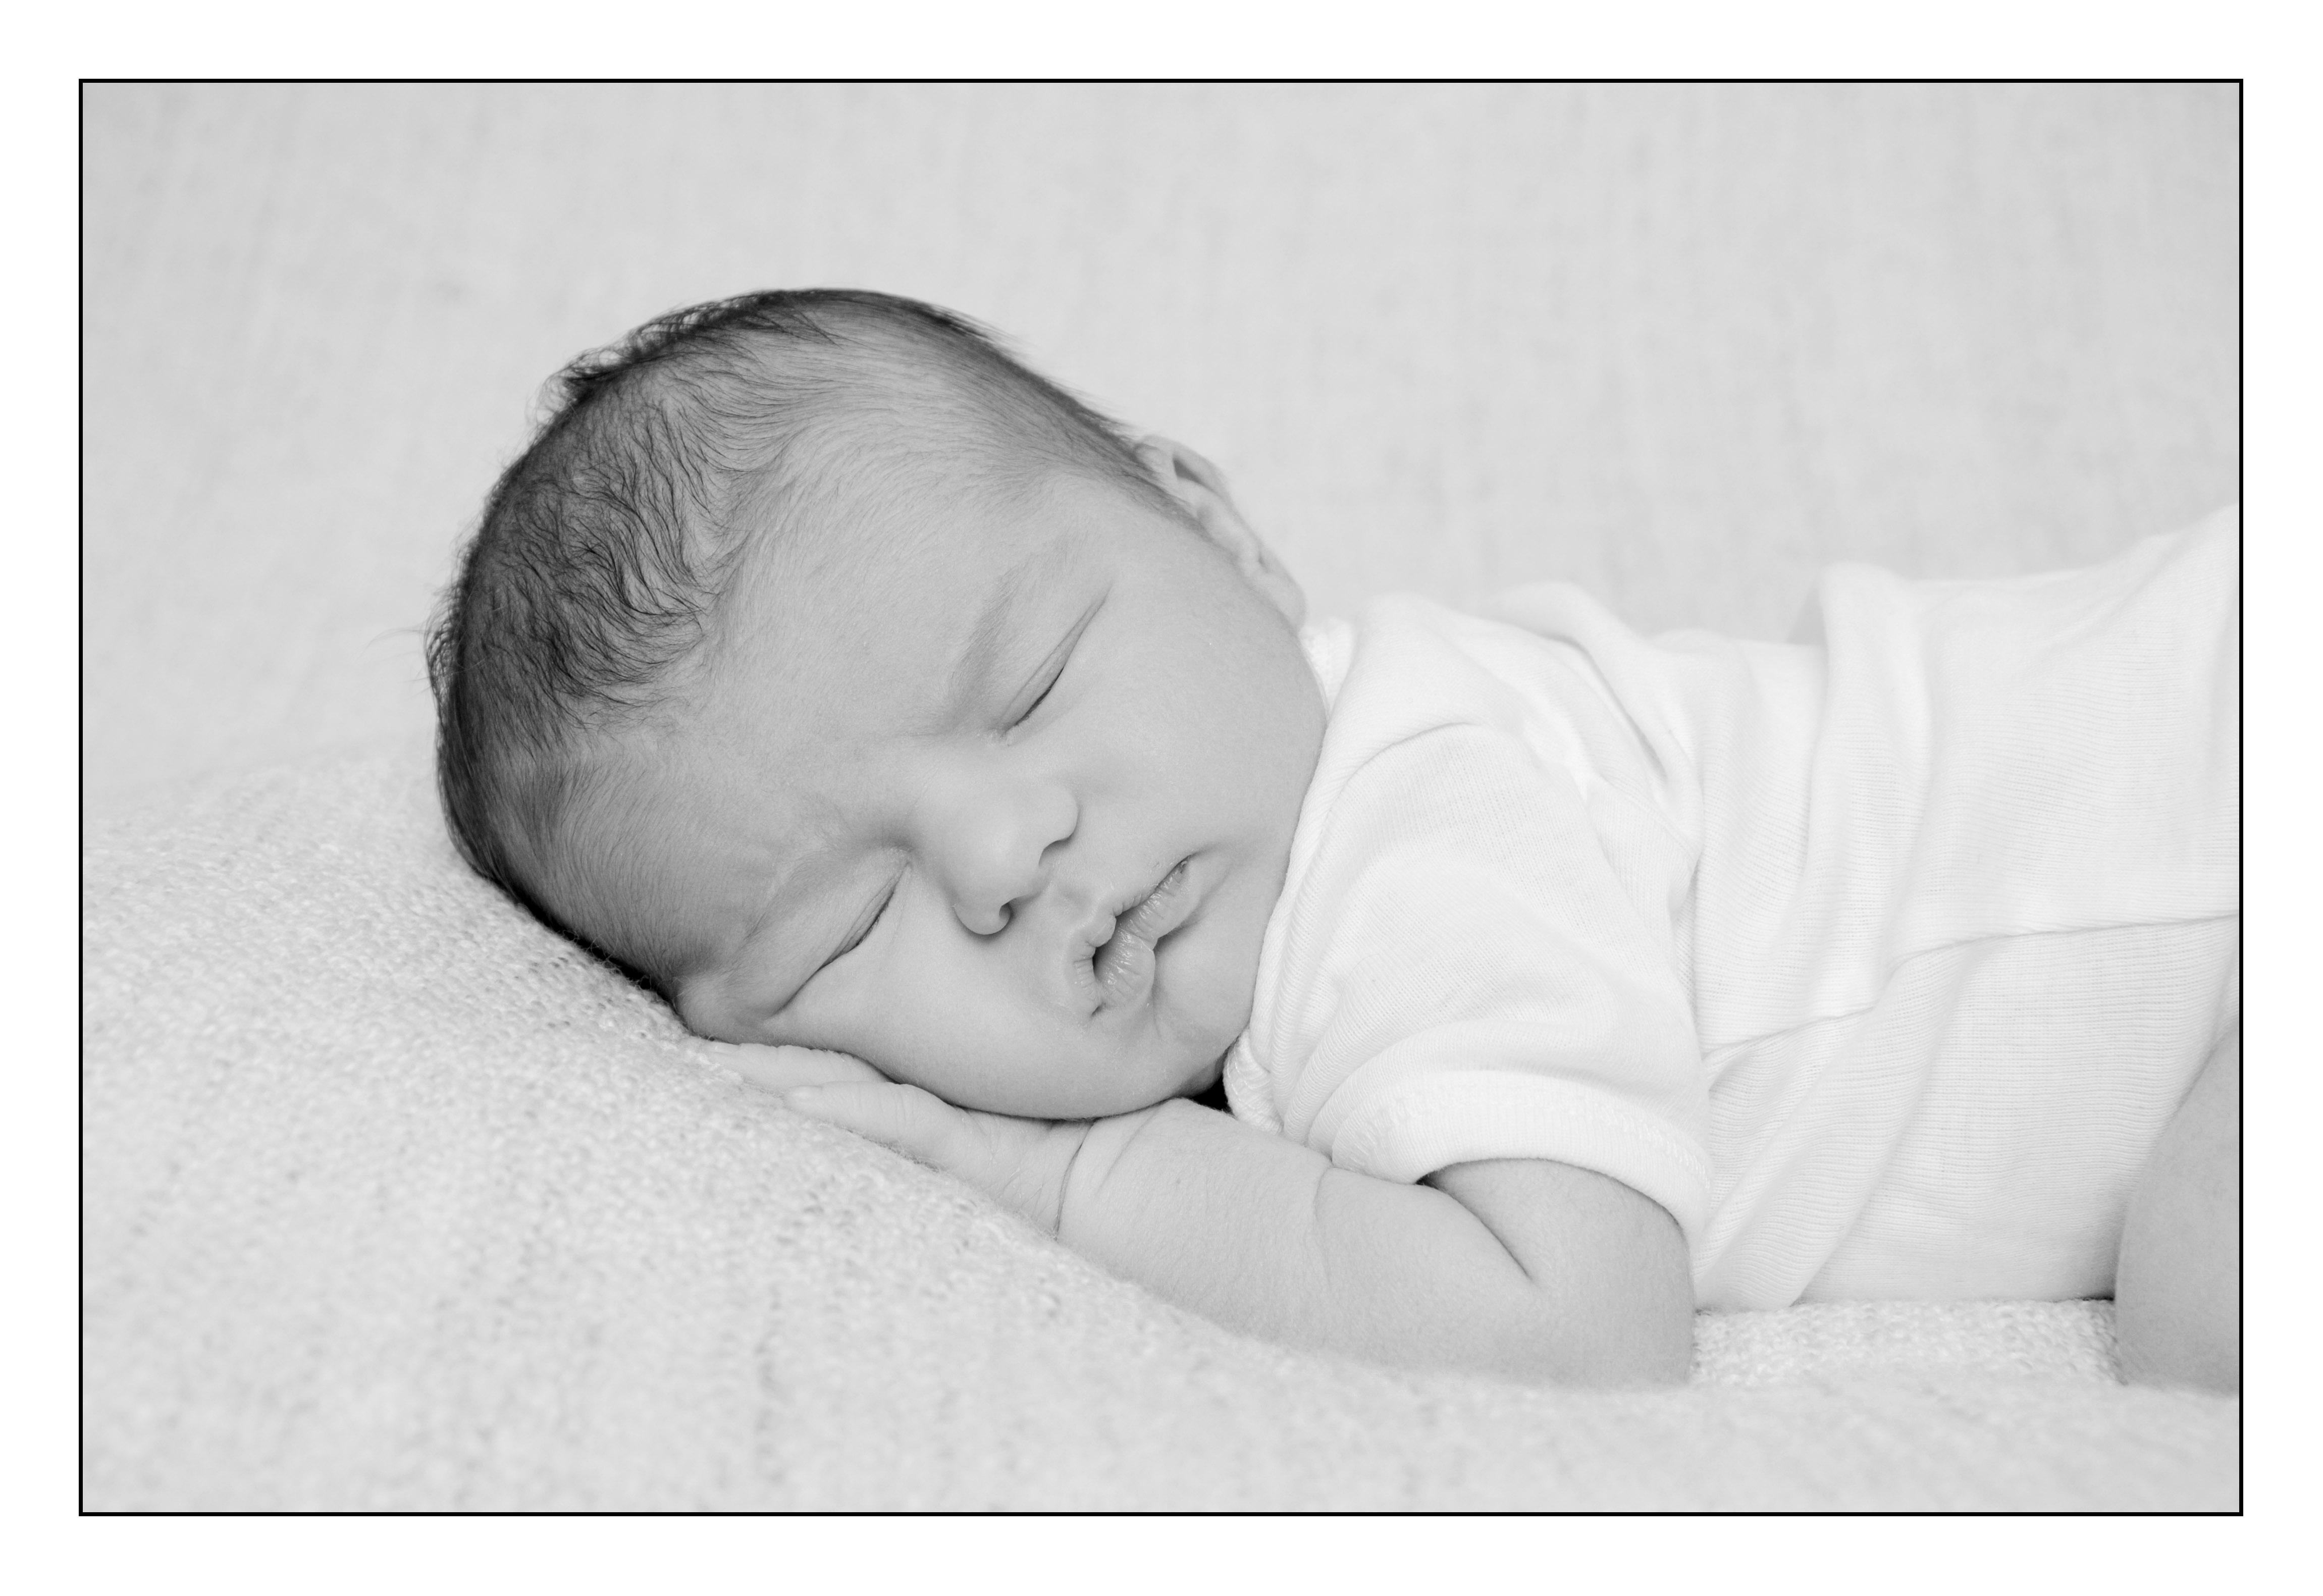 Babyfotografie_Nadine Grenningloh188neu